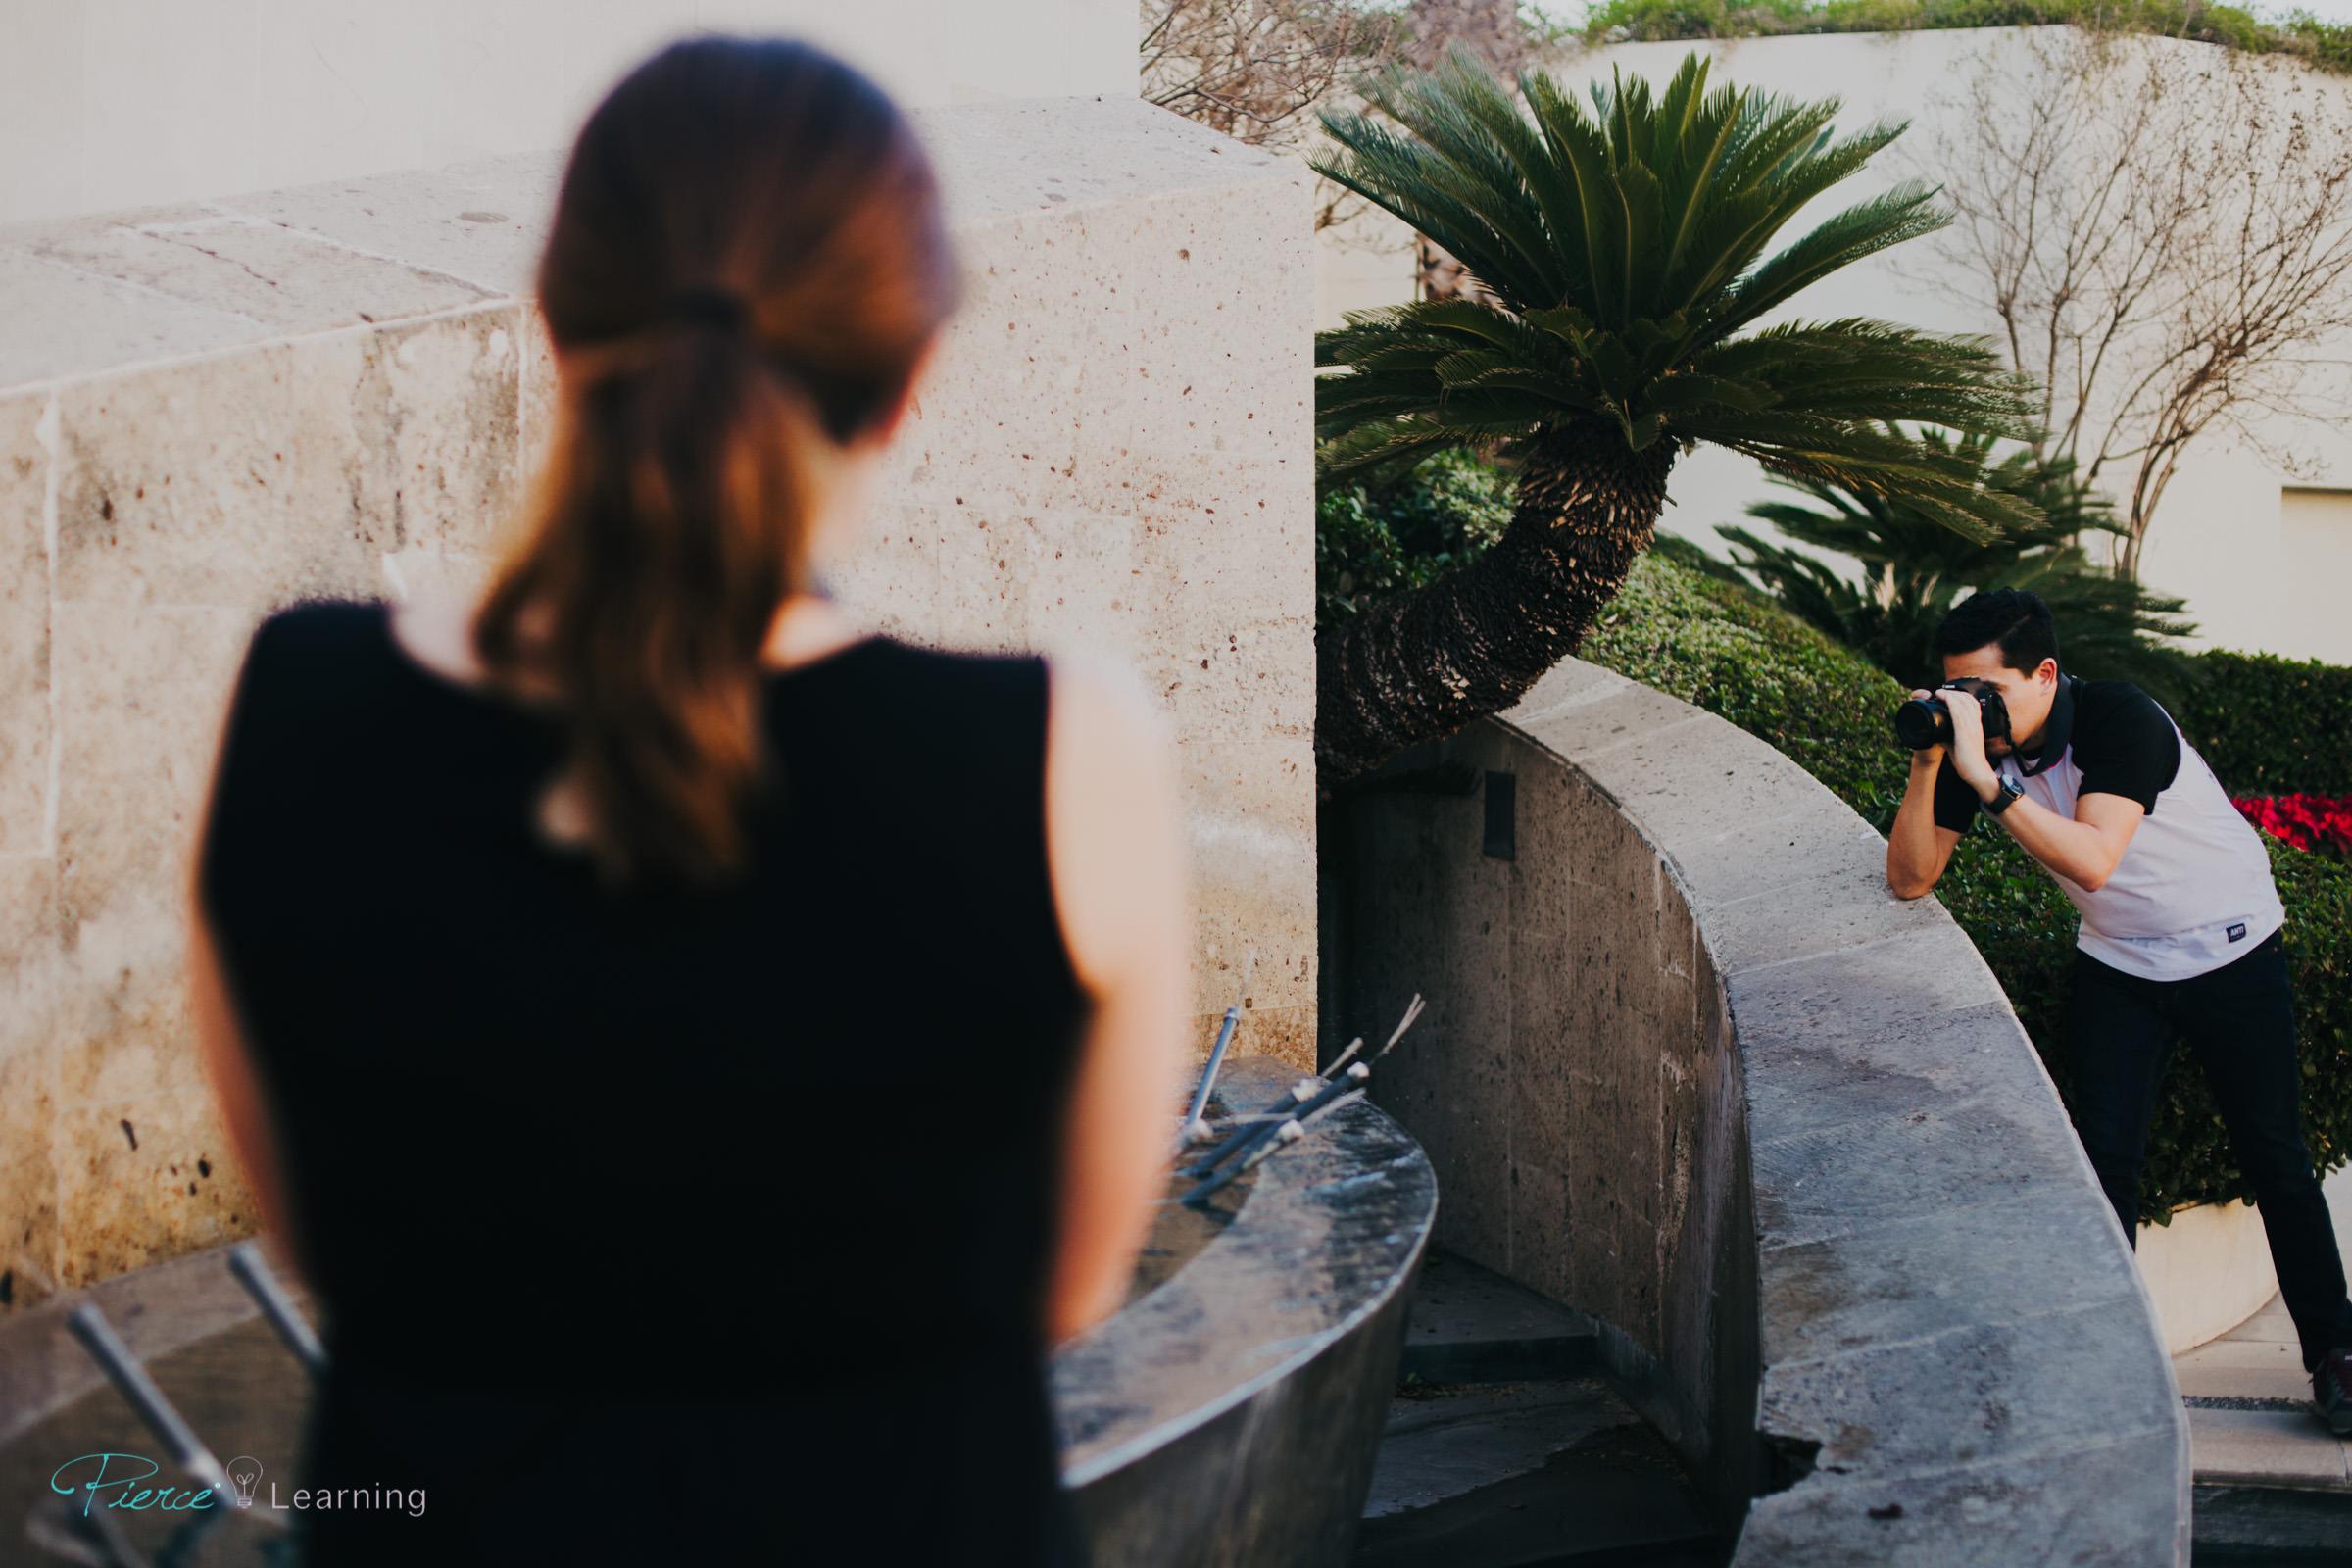 Workshop-Curso-Fotografia-Leon-Guanajuato-Mexico-Pierce-91.jpg